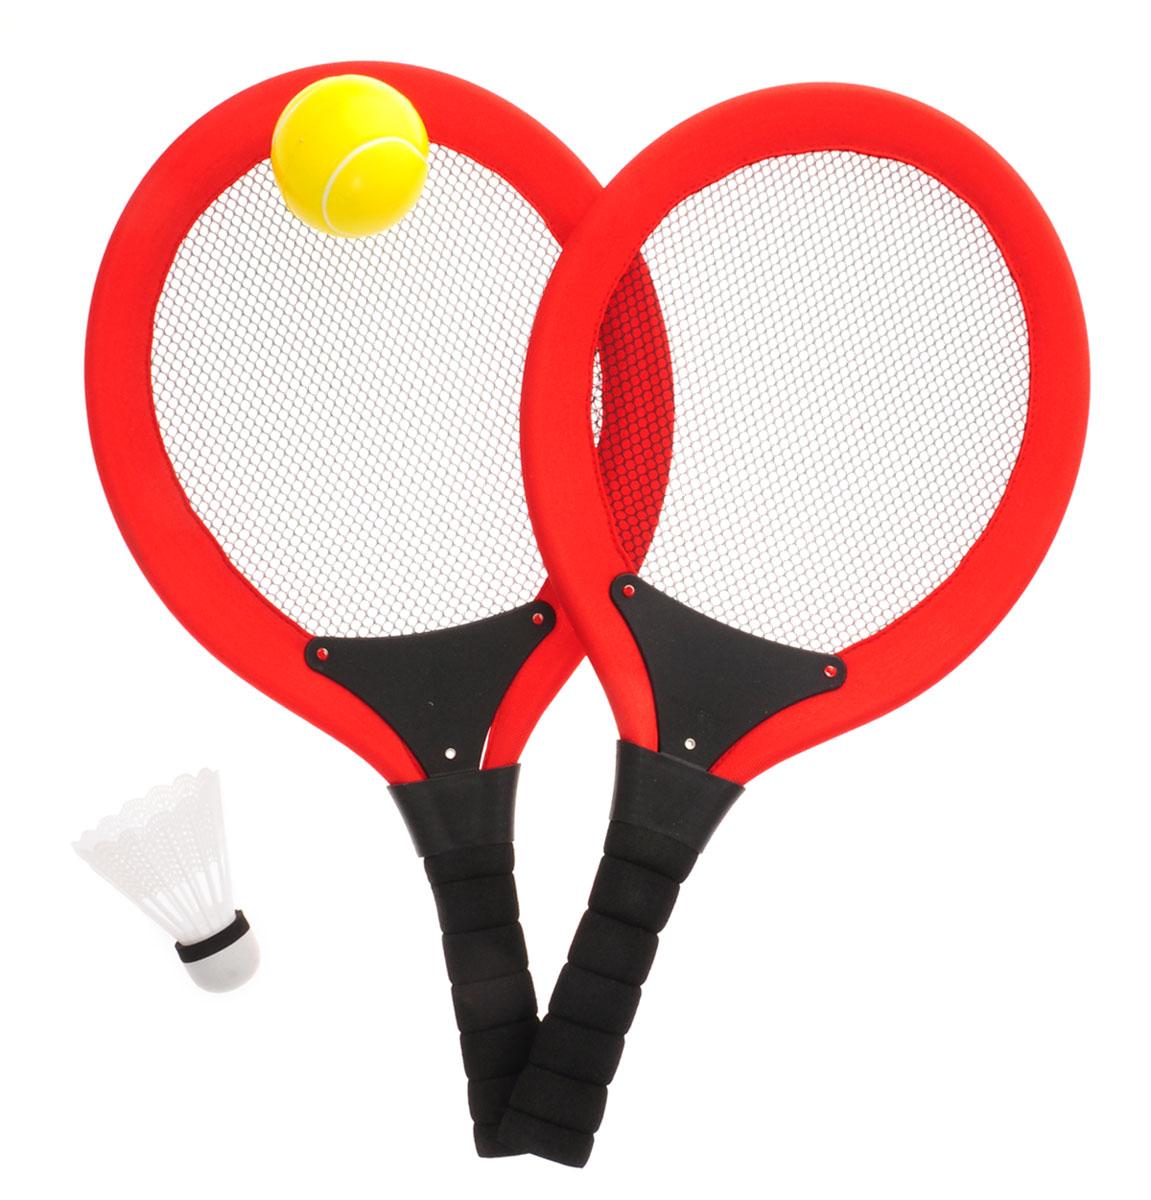 Abtoys Игровой набор 2 в 1 Бадминтон Теннис цвет красный набор бадминтон 2 ракетки 1 волан 57891